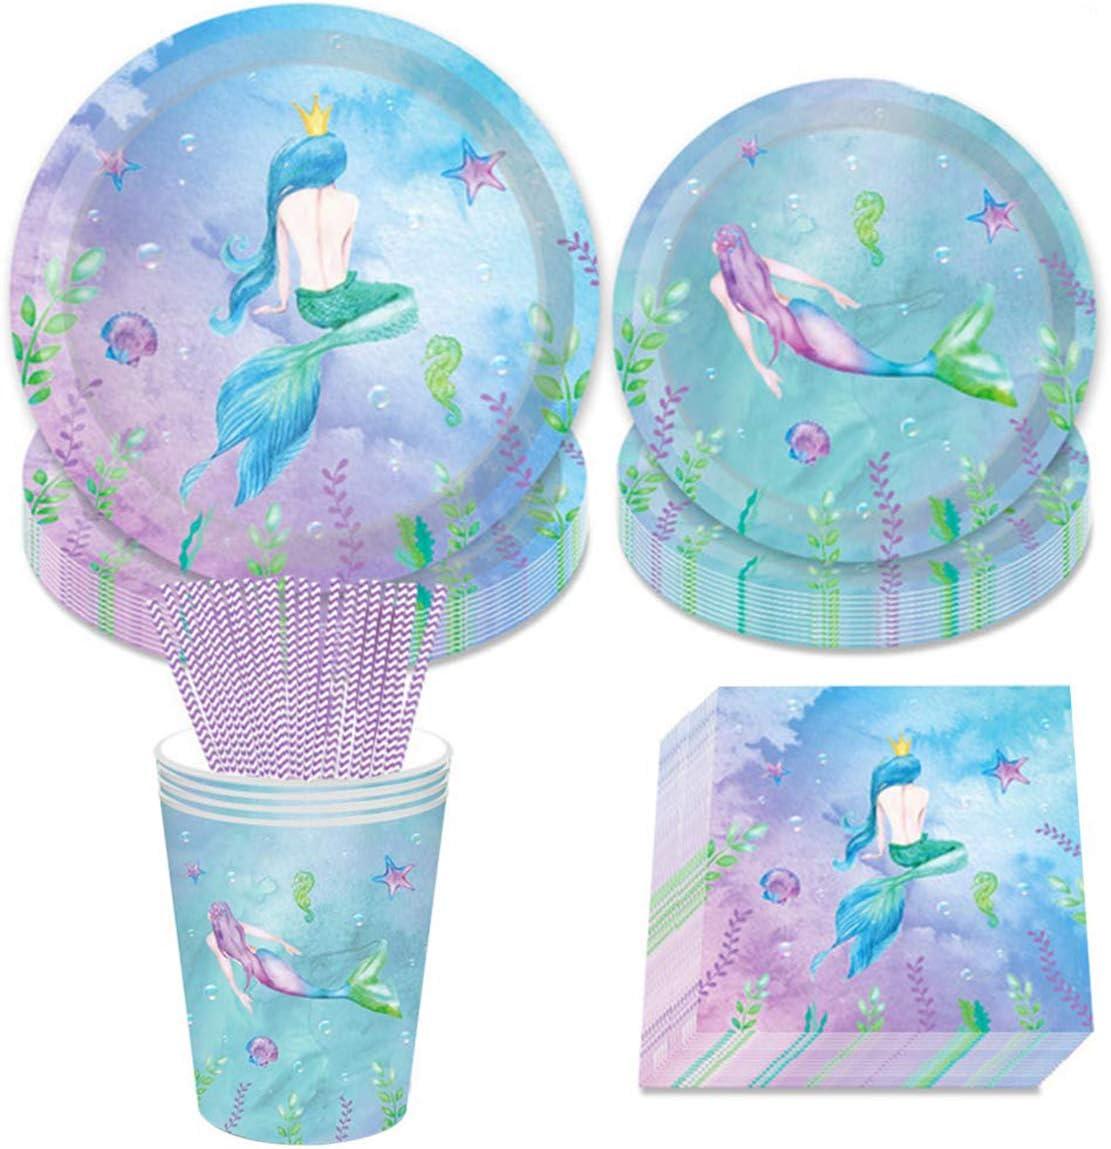 Amycute 8 Invitados Vajilla de Sirena Azul Morado, Decoracion de Fiesta Sirena de Vasos Platos, Servilletas Vajilla de Cumpleaños Infantil